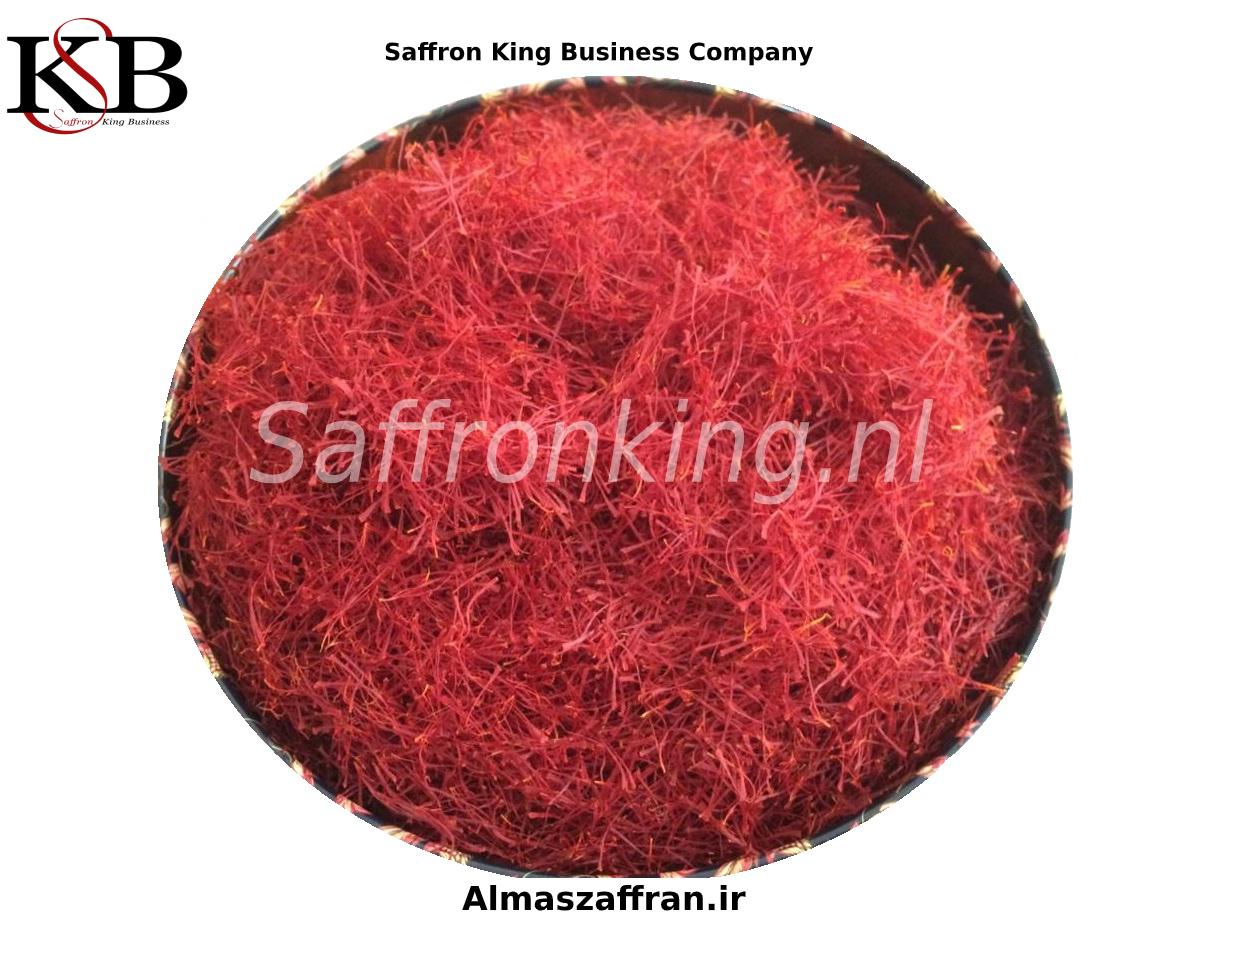 Kauf von reinem Safran pro Kilo auf dem Safranmarkt